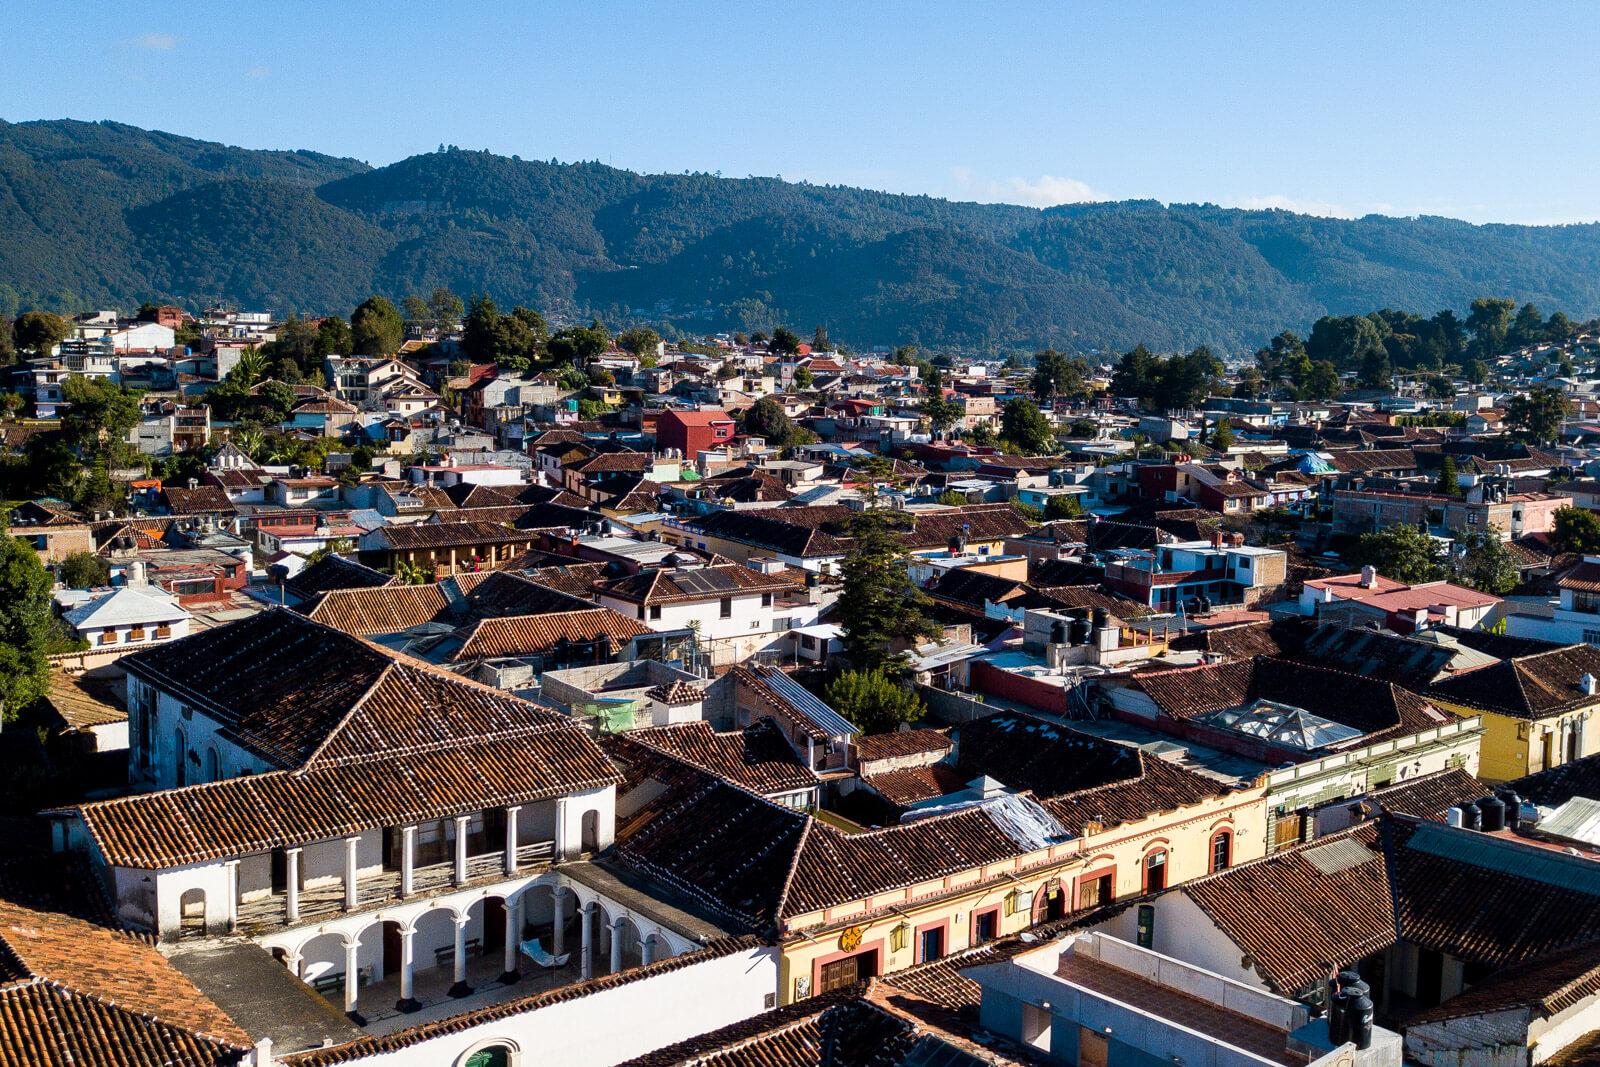 The magical town of San Cristobal de las Casas, Chiapas